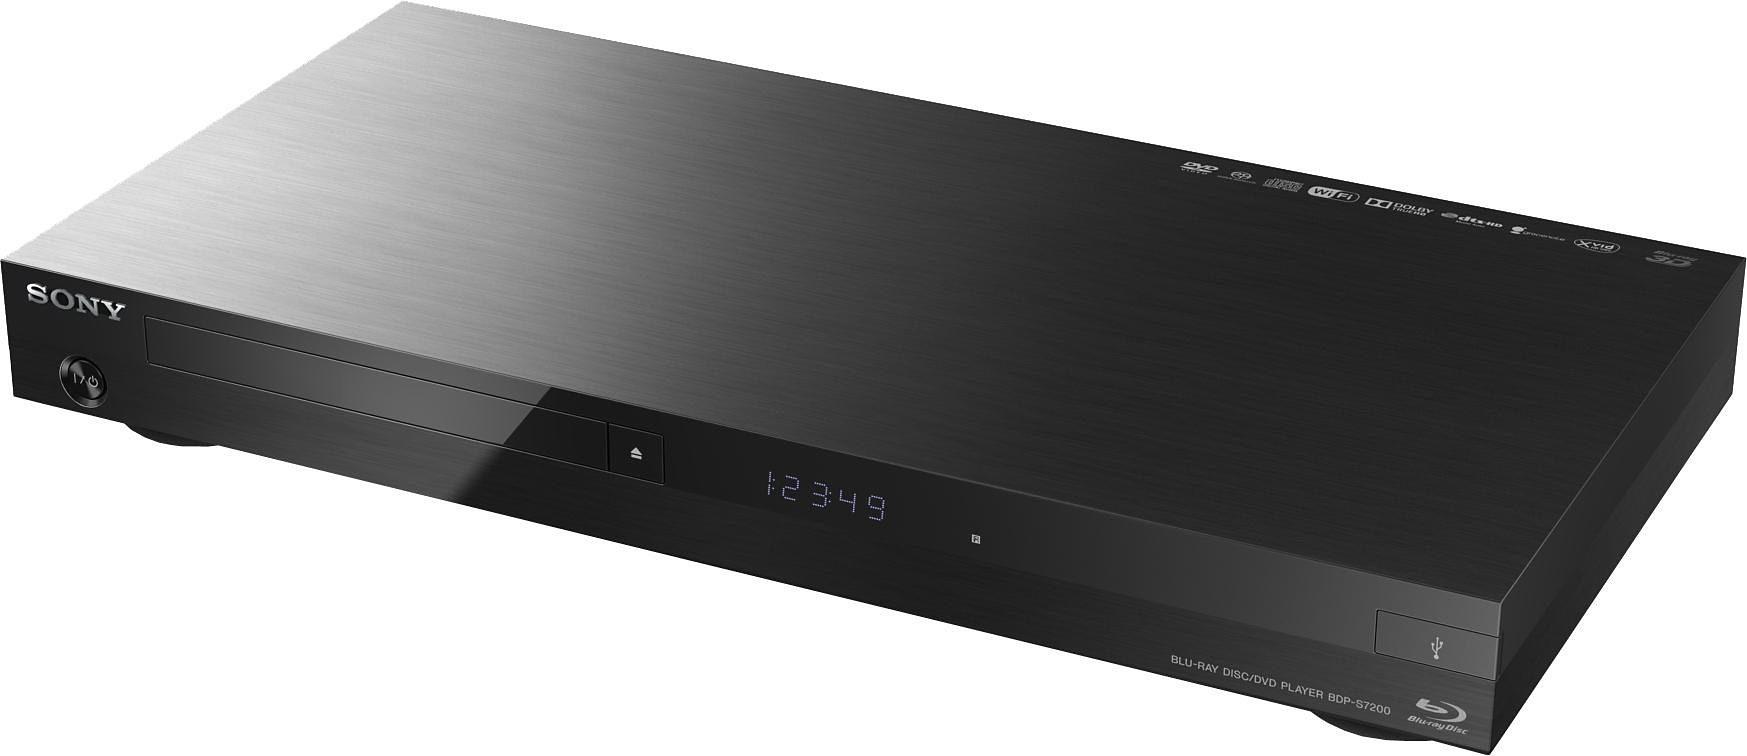 Sony BDP-S7200 Blu-ray-Player, 3D-fähig, 4K UHD-Upscaling (60p), WLAN